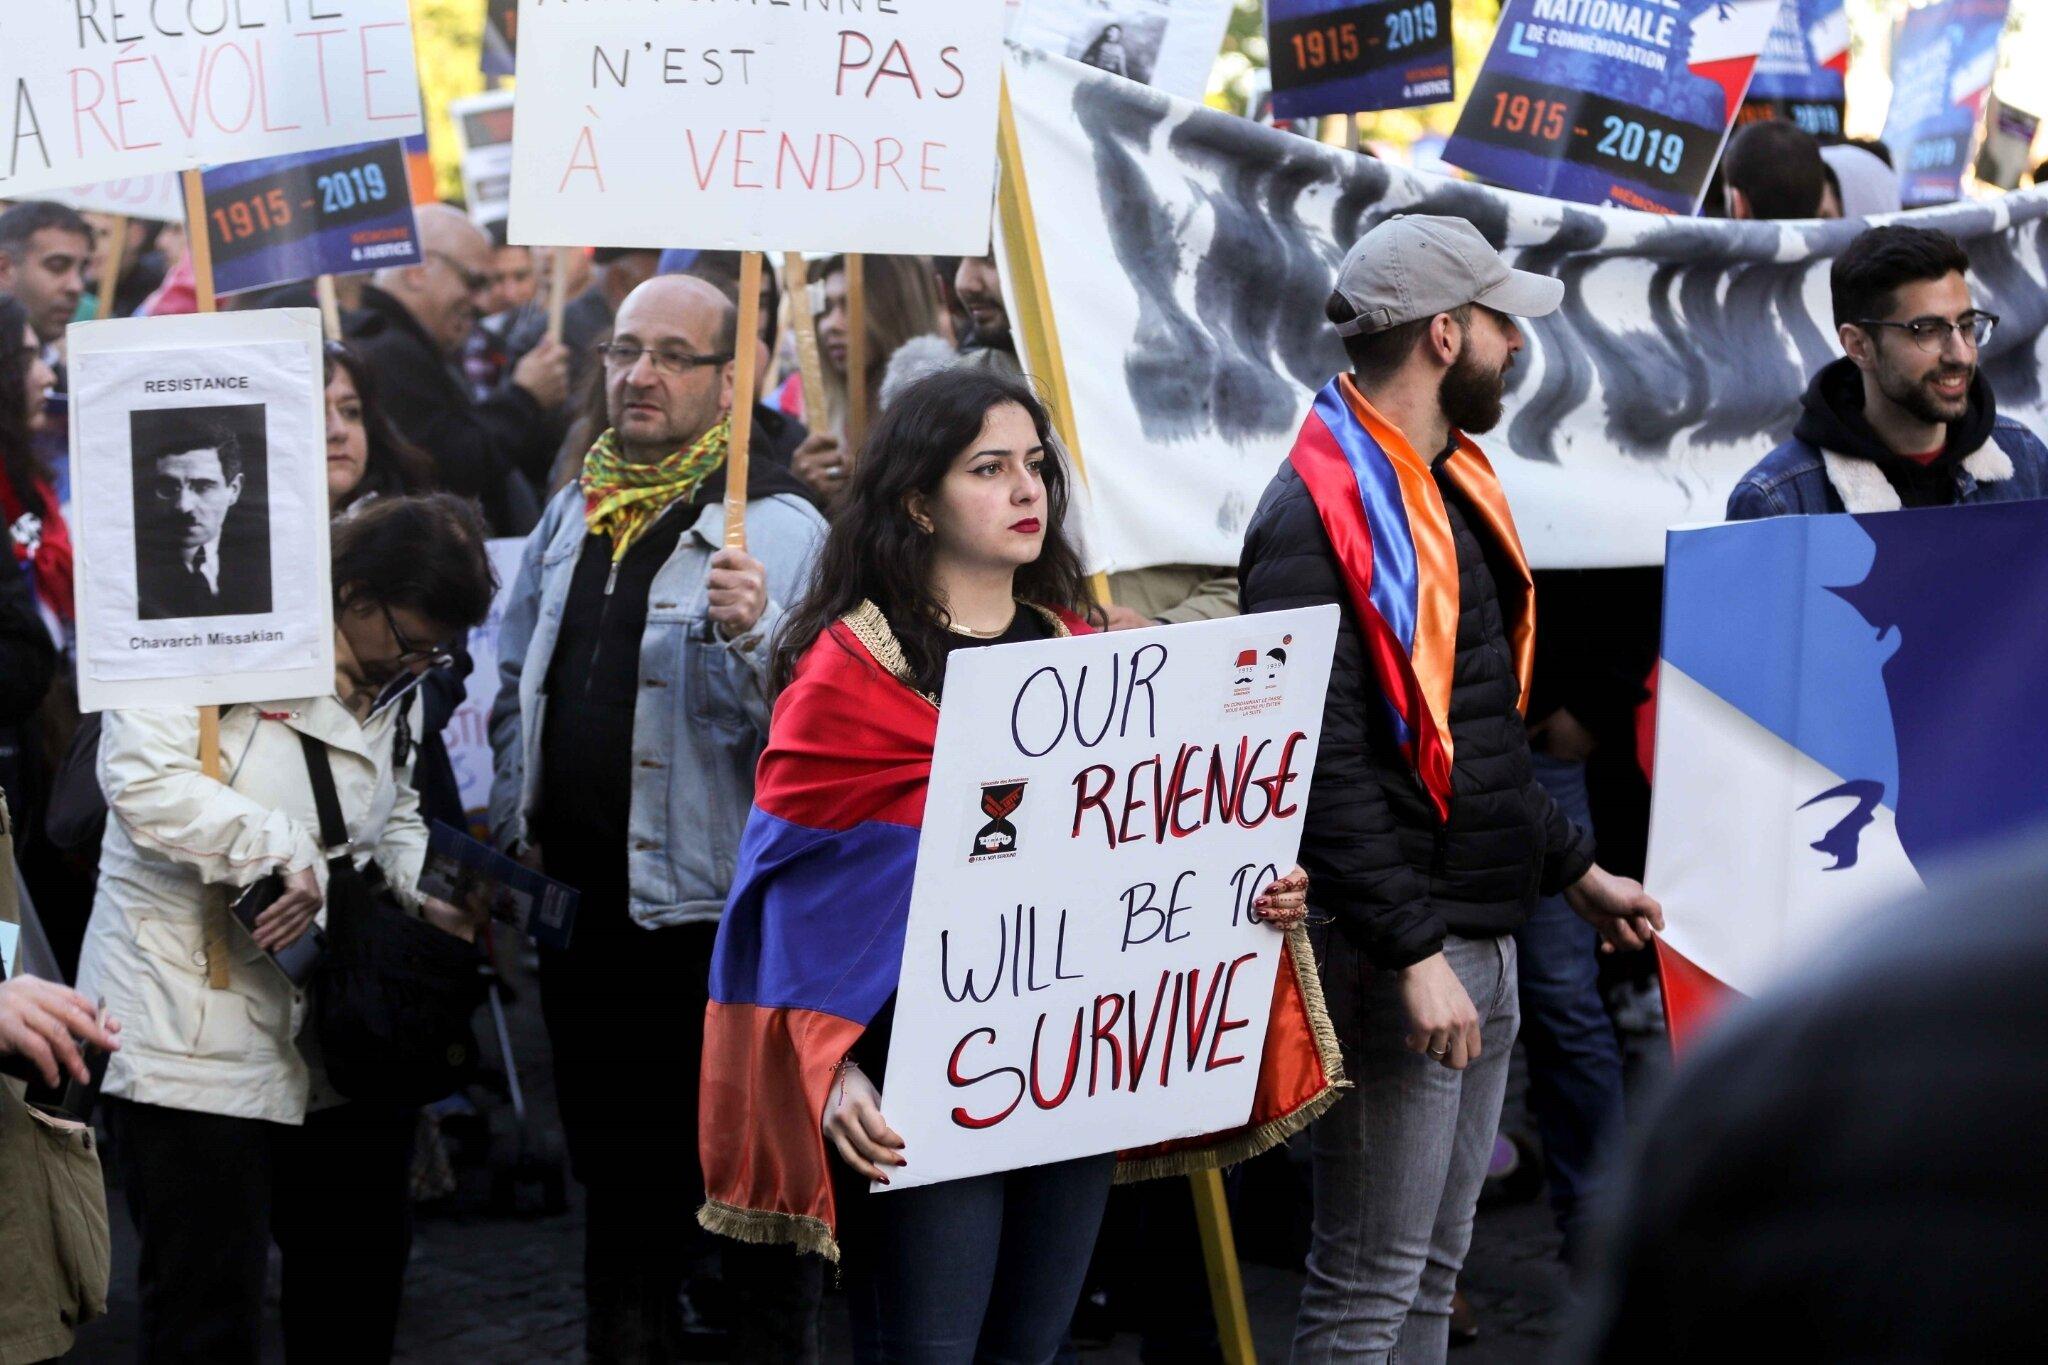 Édouard Philippe défend la commémoration du génocide arménien. © Michel Stoupak. Mer 24.04.2019, 18h58m07.